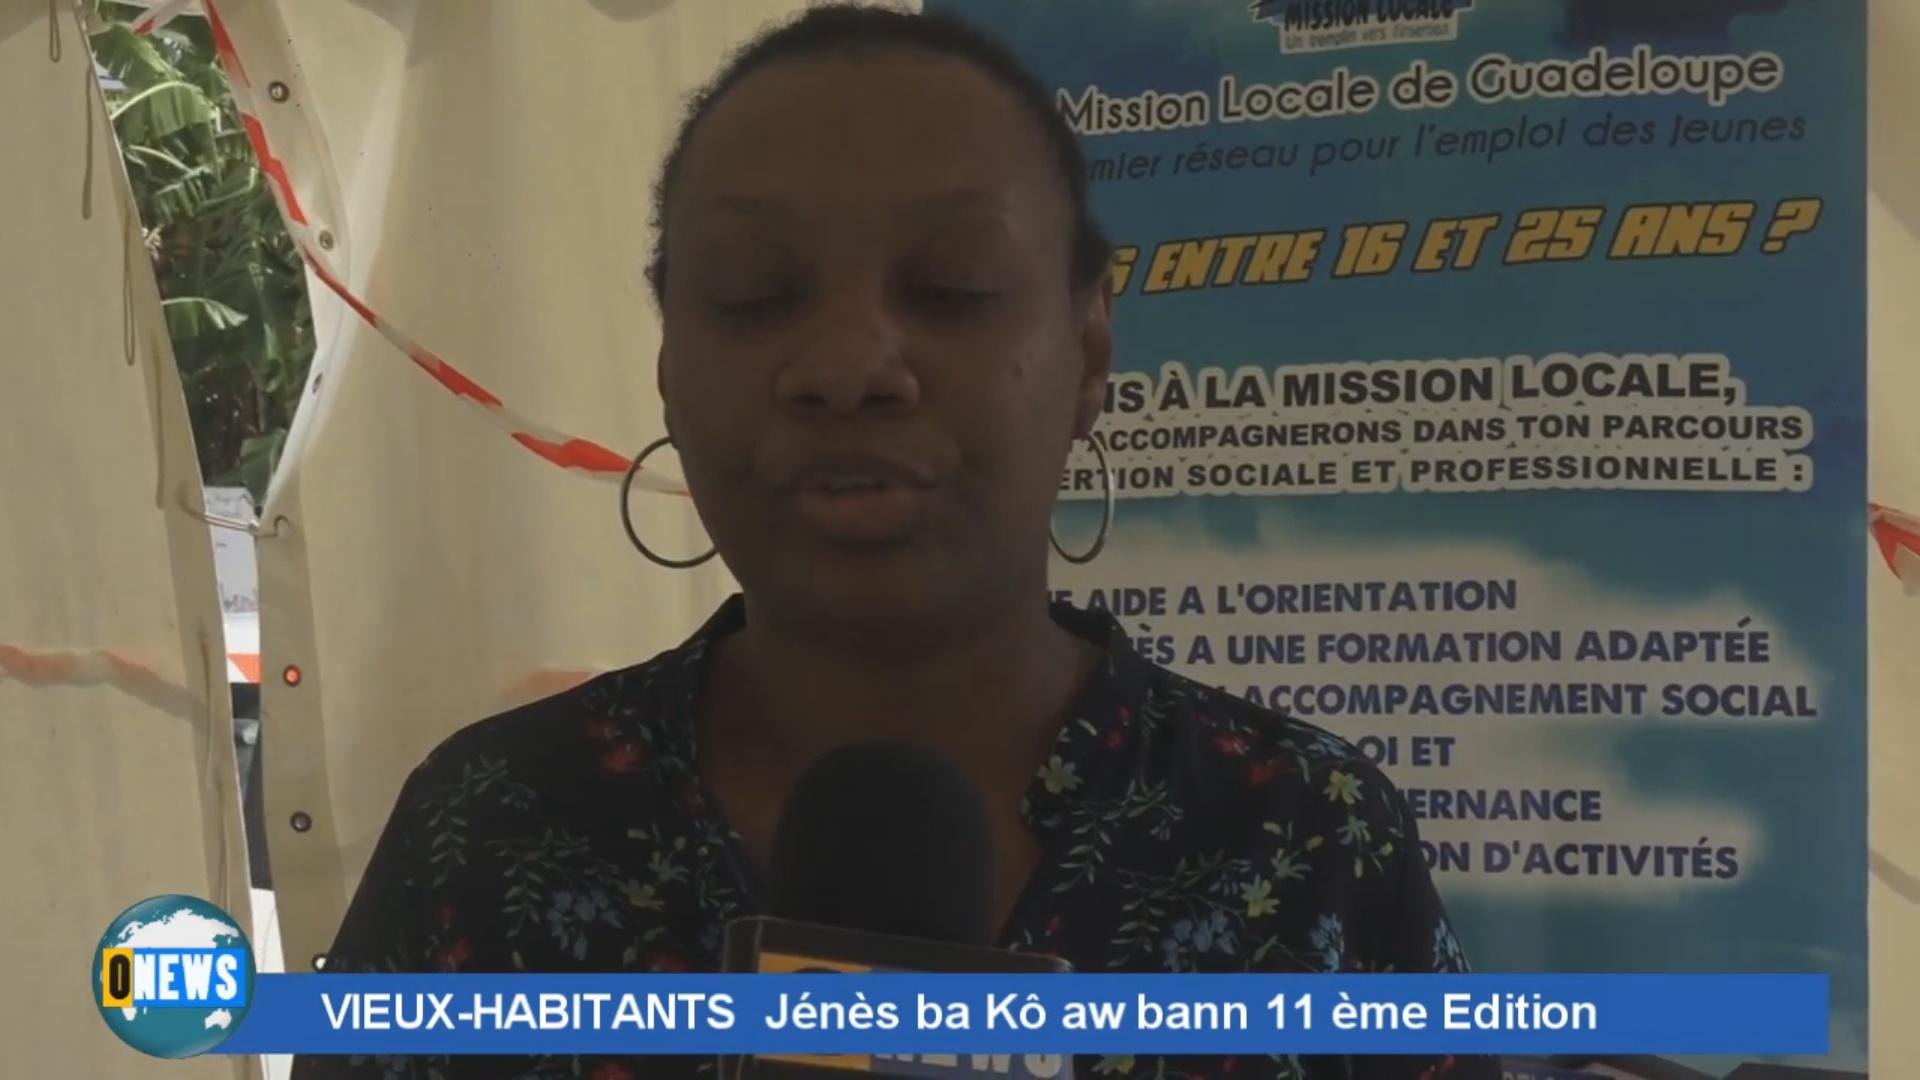 [ Vidéo]Onews Guadeloupe. JENES BA KO AW BANN